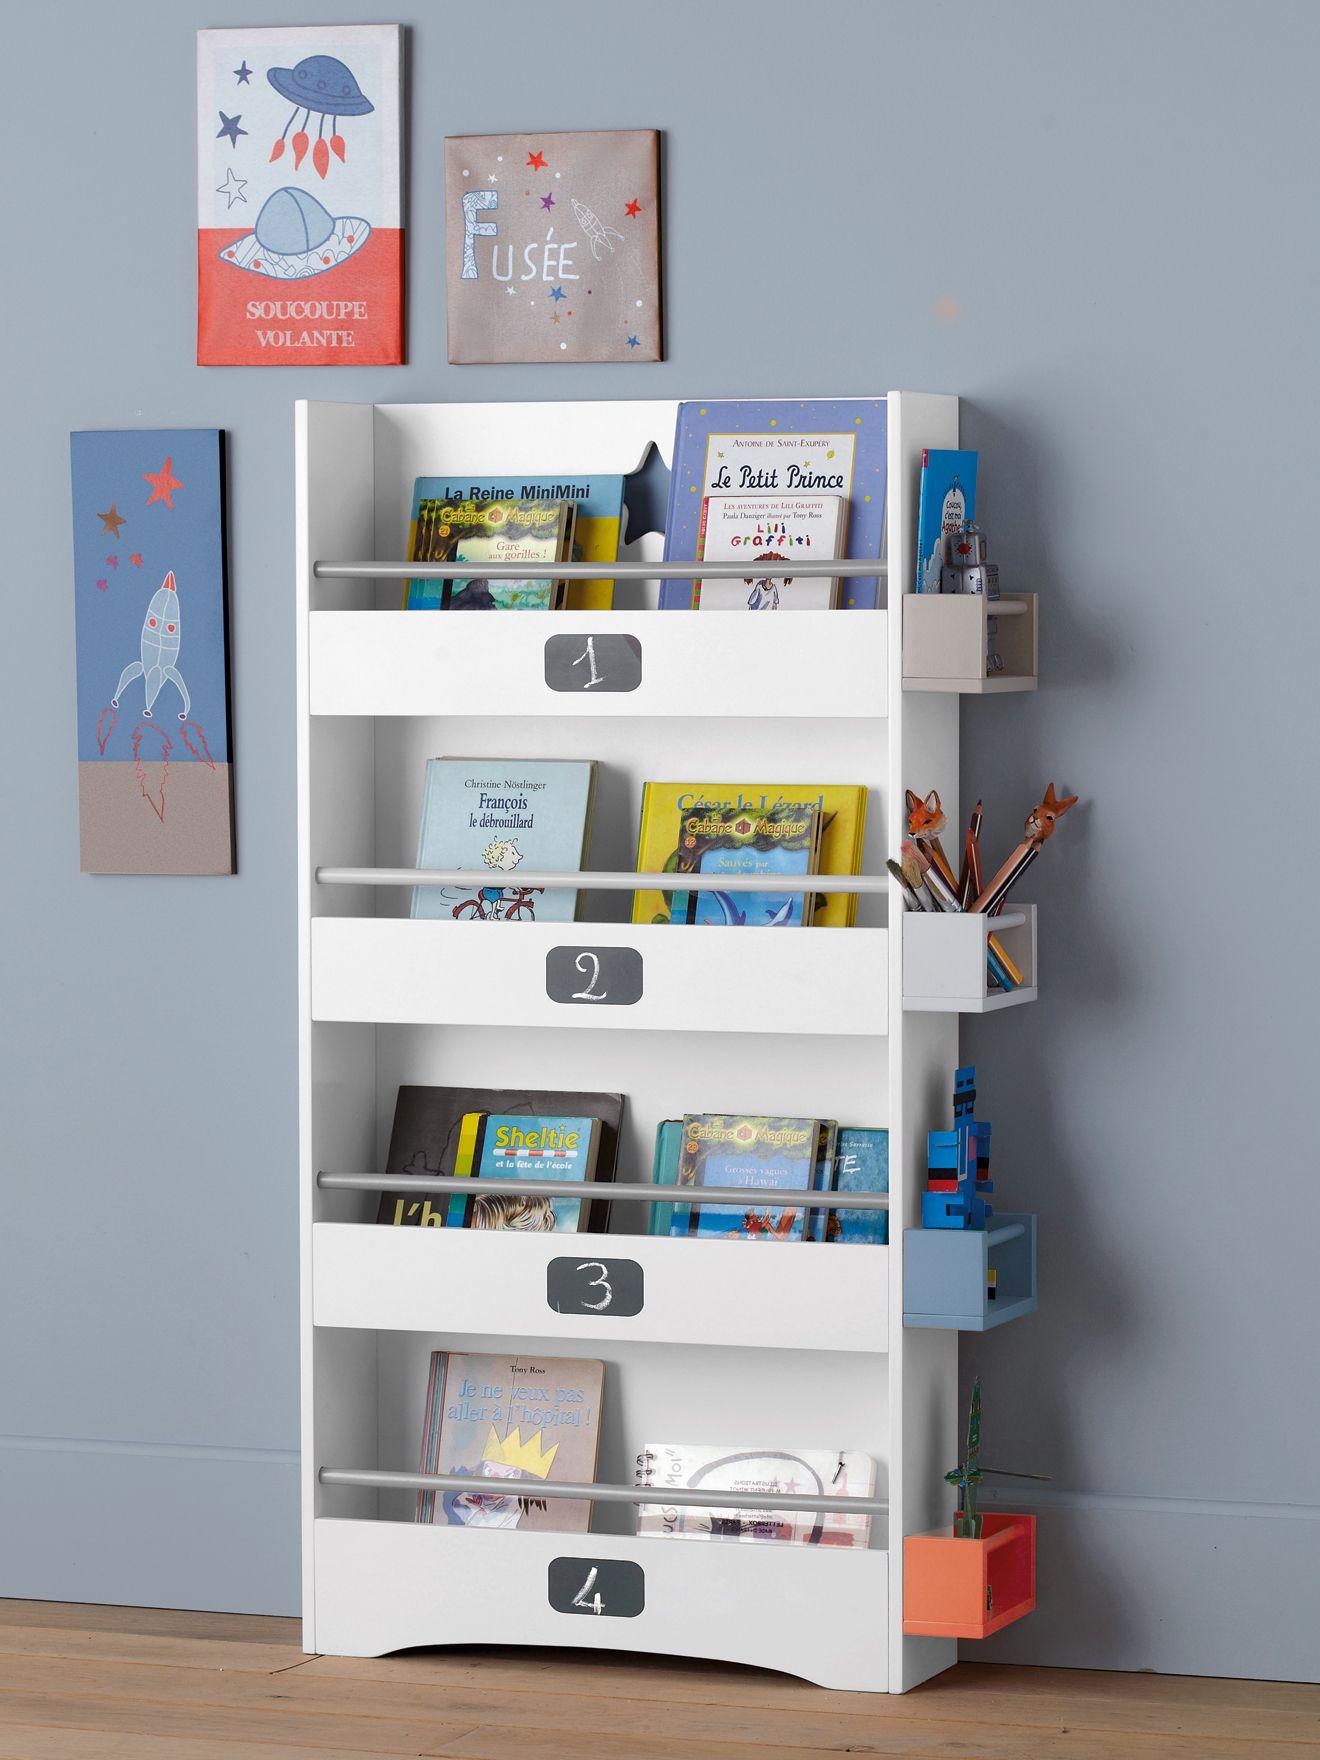 Etag re biblioth que chambre enfants collection printemps t 2014 deco - Etagere chambre enfant ...